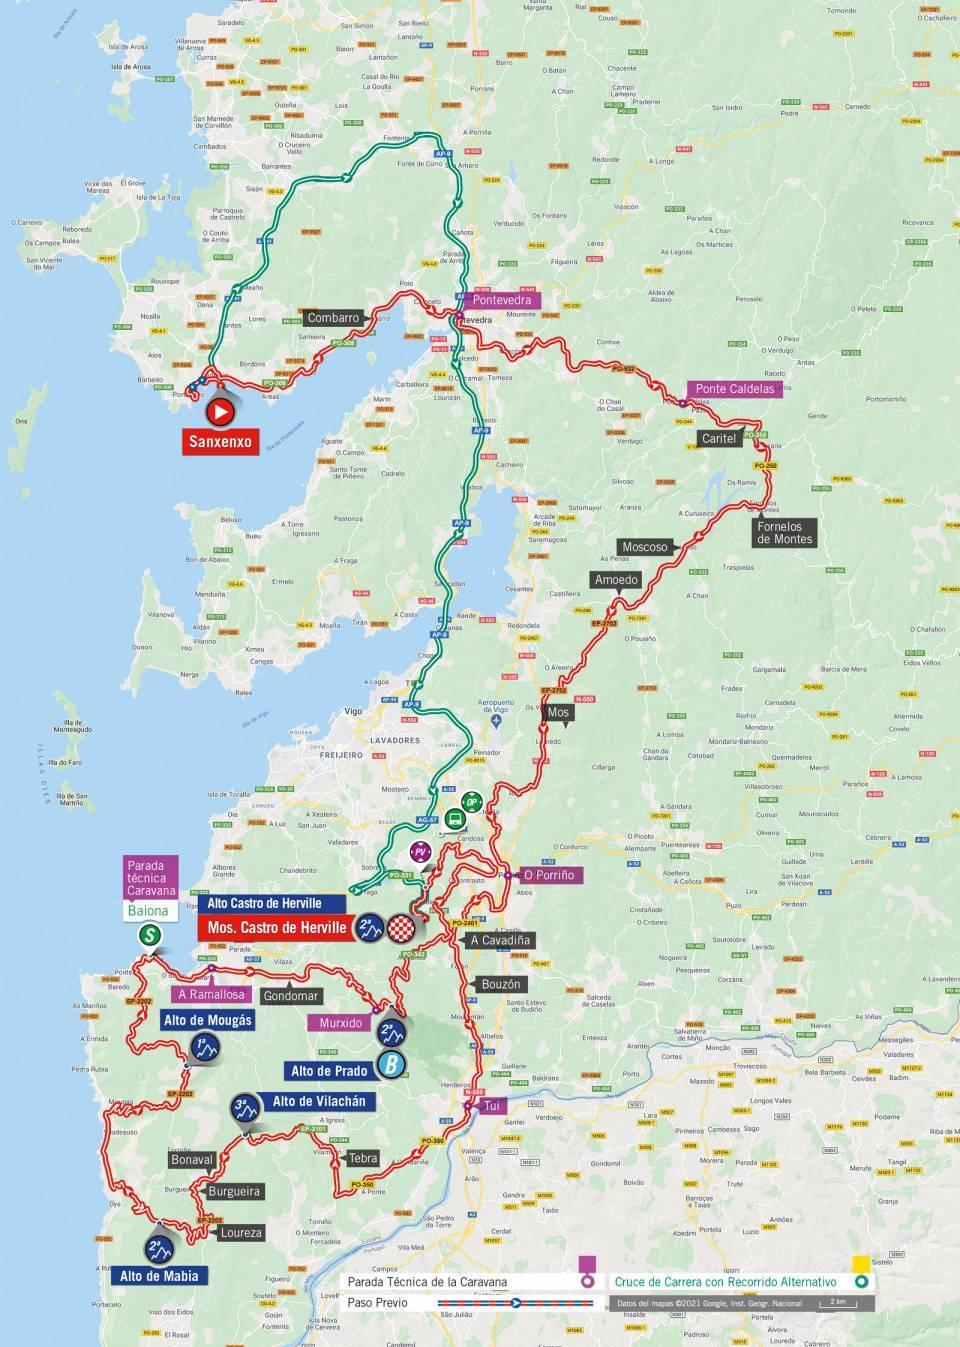 Mapa del nivel 2021 de la gira por España 2021